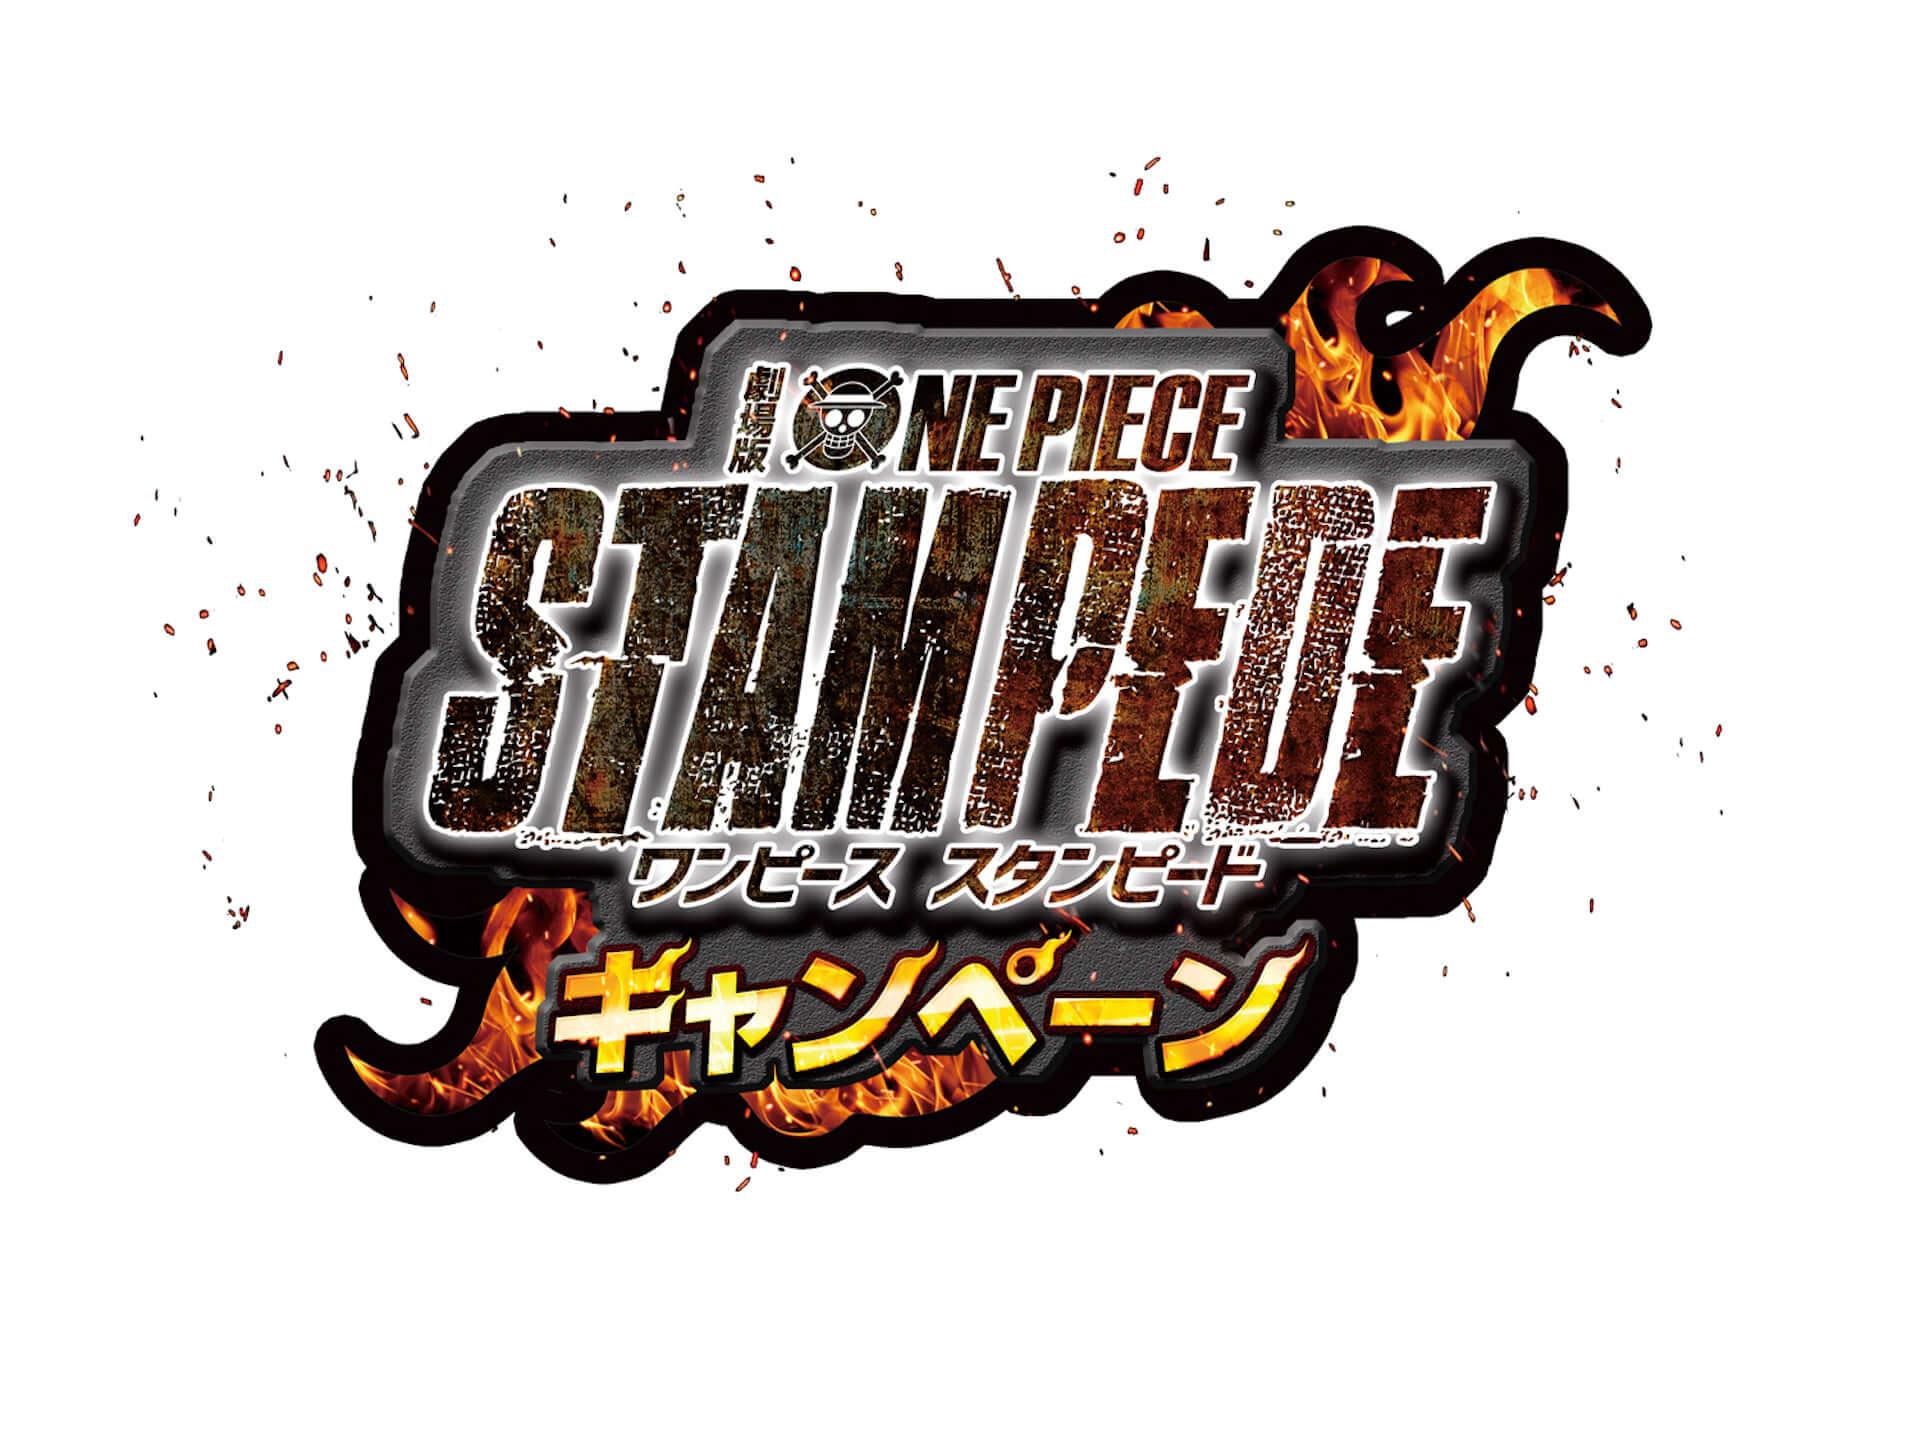 ワンピースの限定フィギュアや世界100セット限定BOXが登場 『ONE PIECE STAMPEDE』キャンペーン<#バンナム万博>開催 lifefashion190726onepiece-namco_1-1920x1440